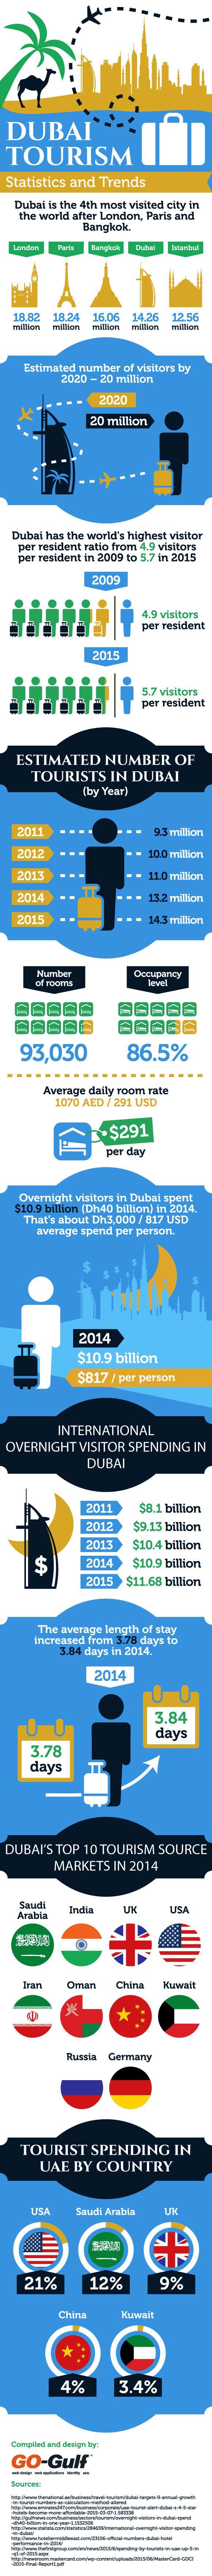 Dubai Tourism: Statistics and Trends